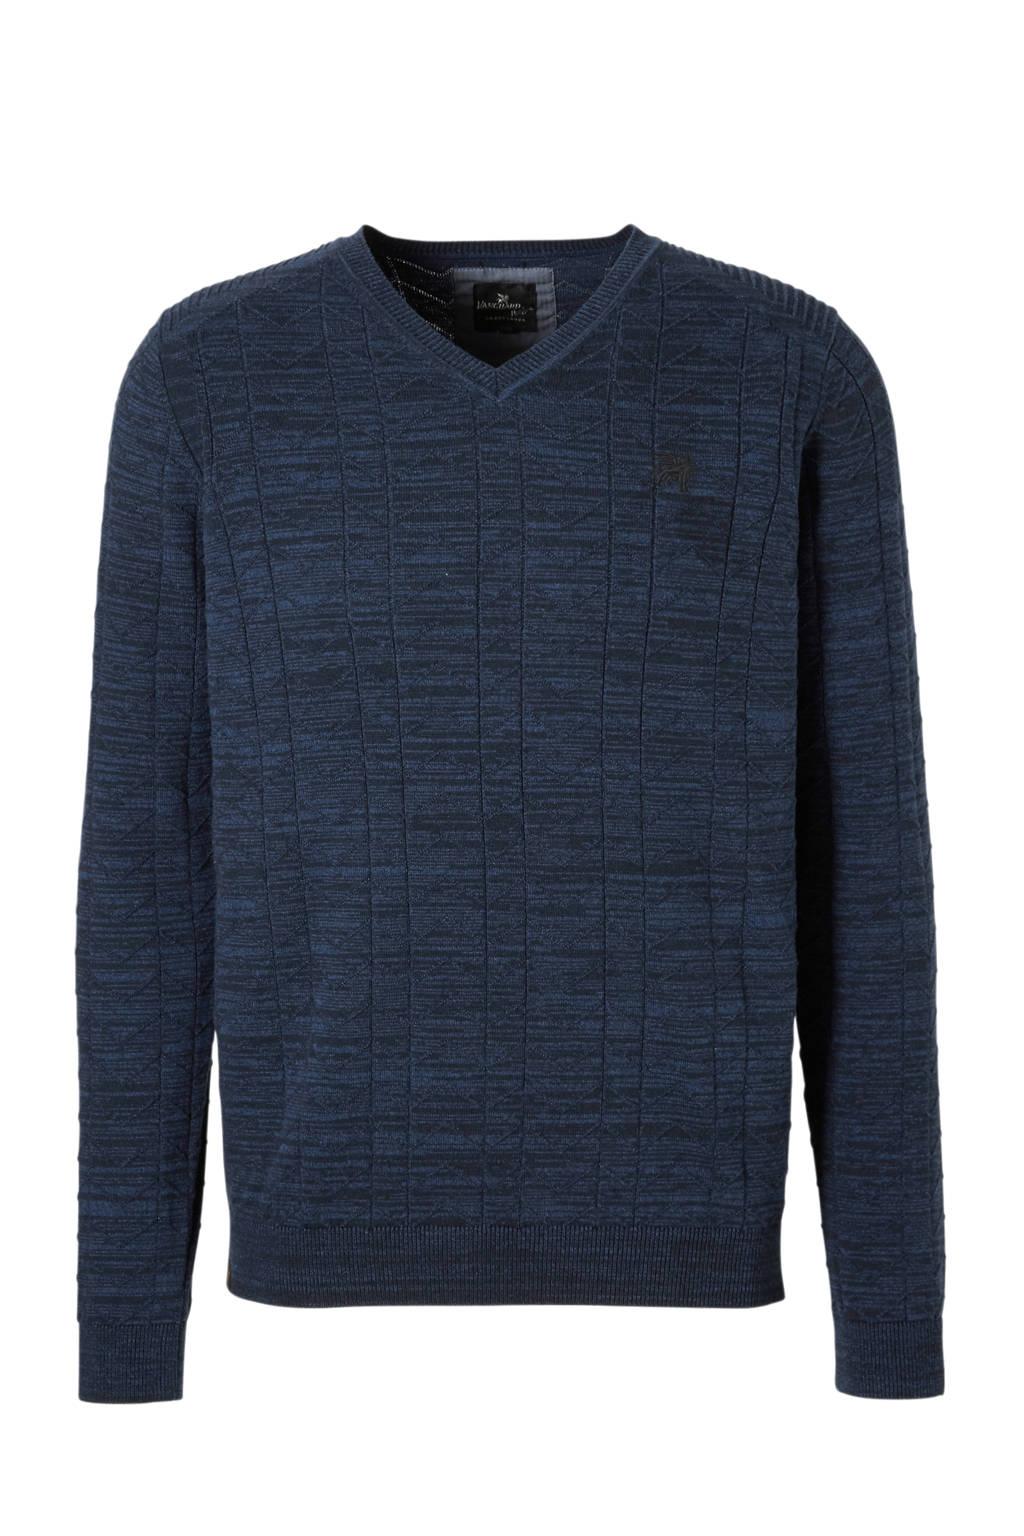 Vanguard trui, Donkerblauw